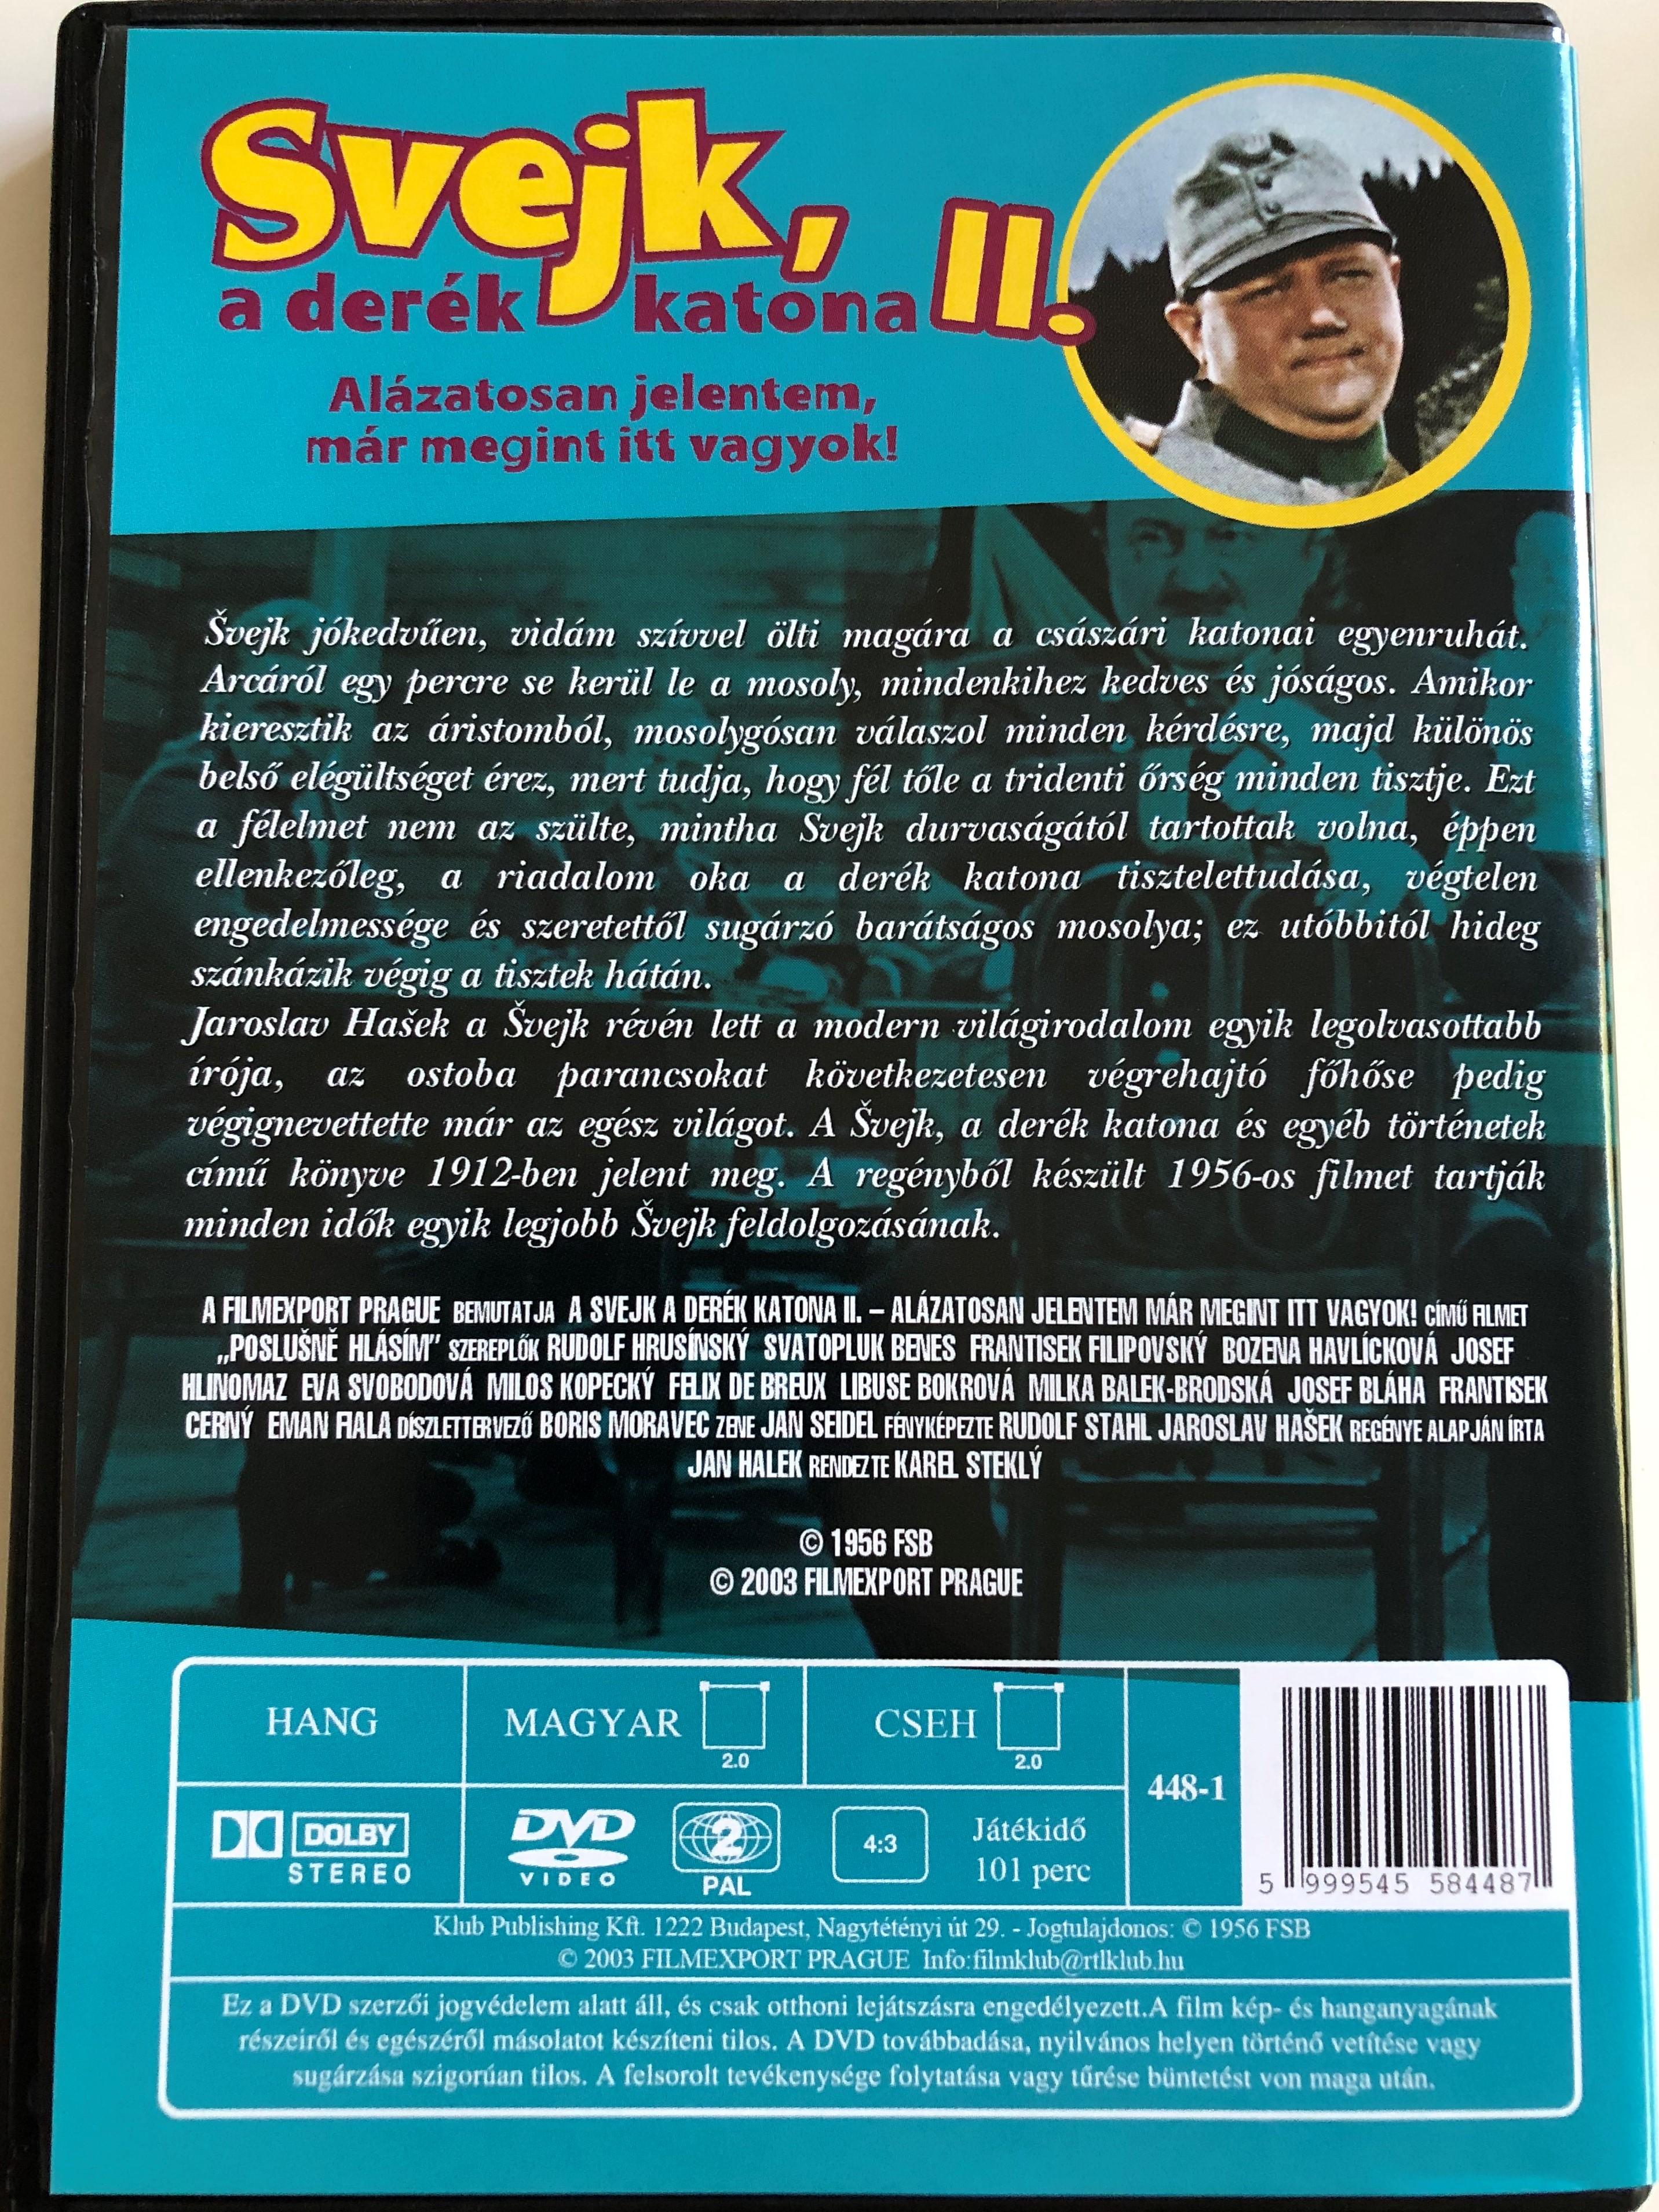 dobry-voj-k-svejk-2.-dvd-1956-svejk-a-der-k-katona-2.-directed-by-karel-stekly-starring-rudolf-hrusinsky-svatopluk-benes-frantisek-filipovsky-bozena-havlickov-josef-hlinomaz-2-.jpg